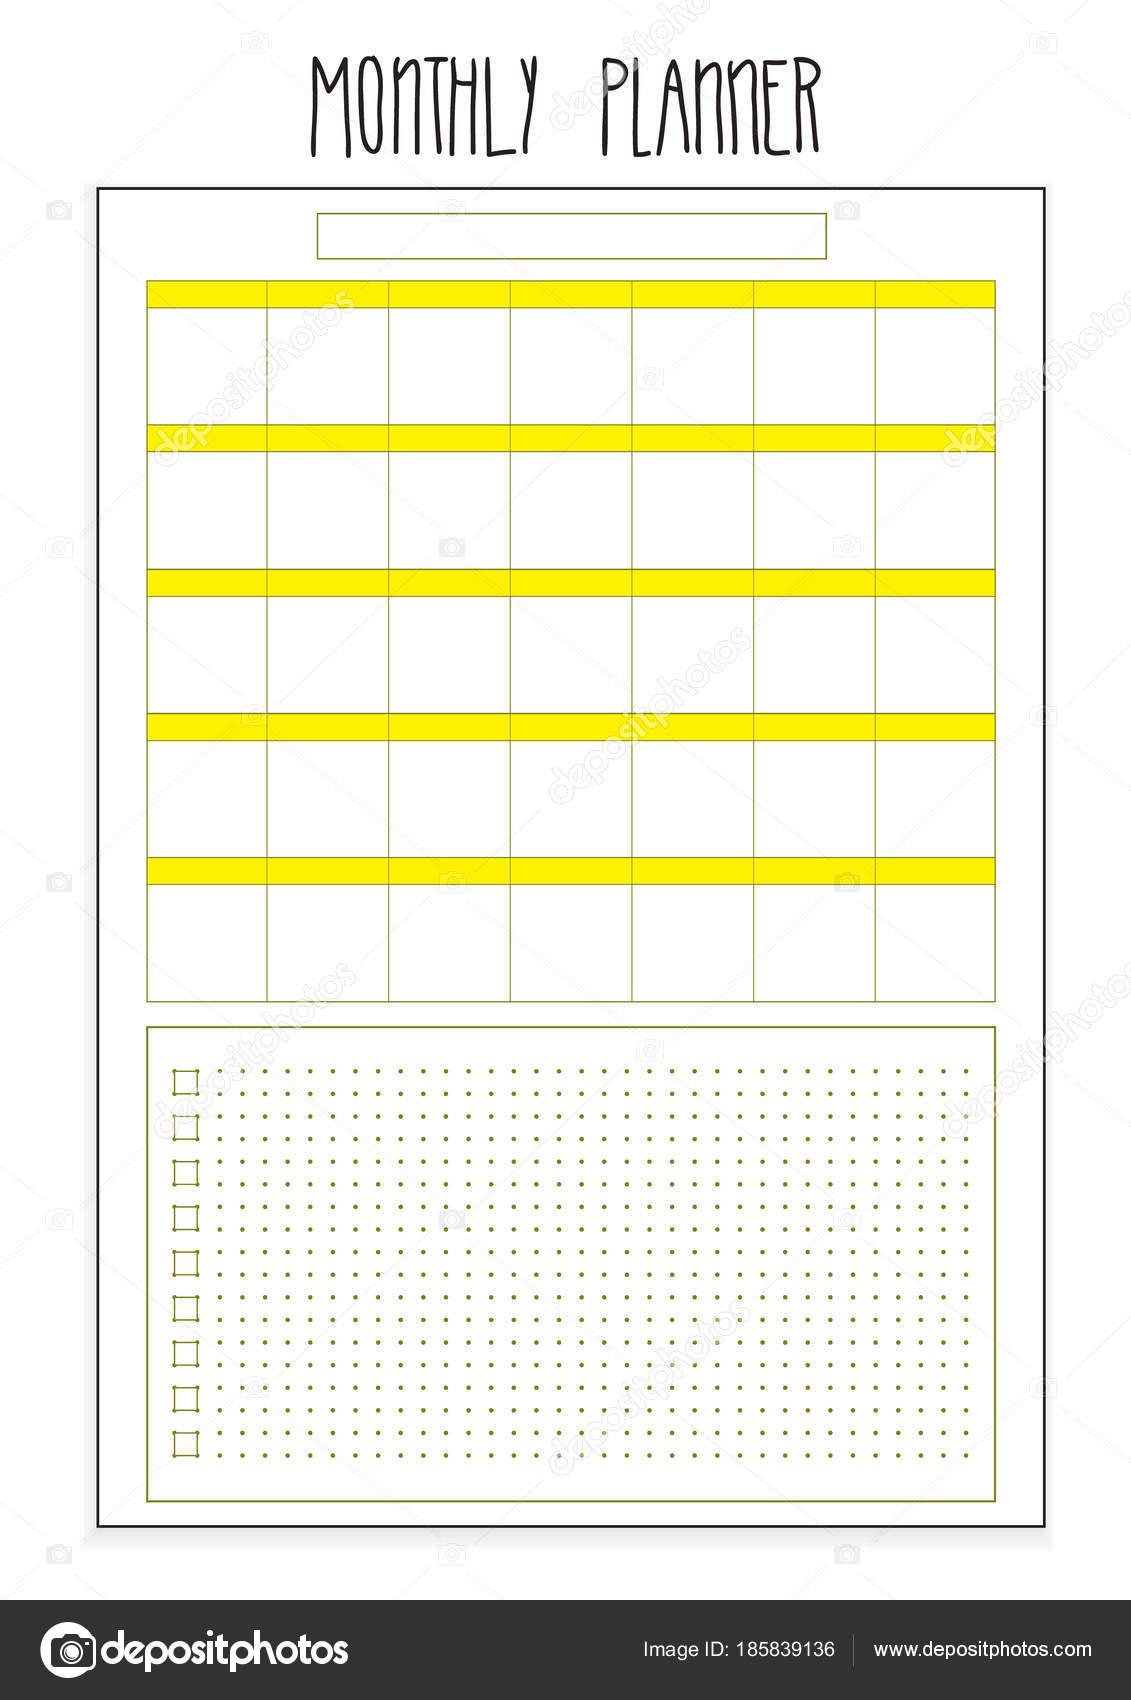 Monatliche Planer druckbaren Seiten. Vektor Organisator Vorlage ...